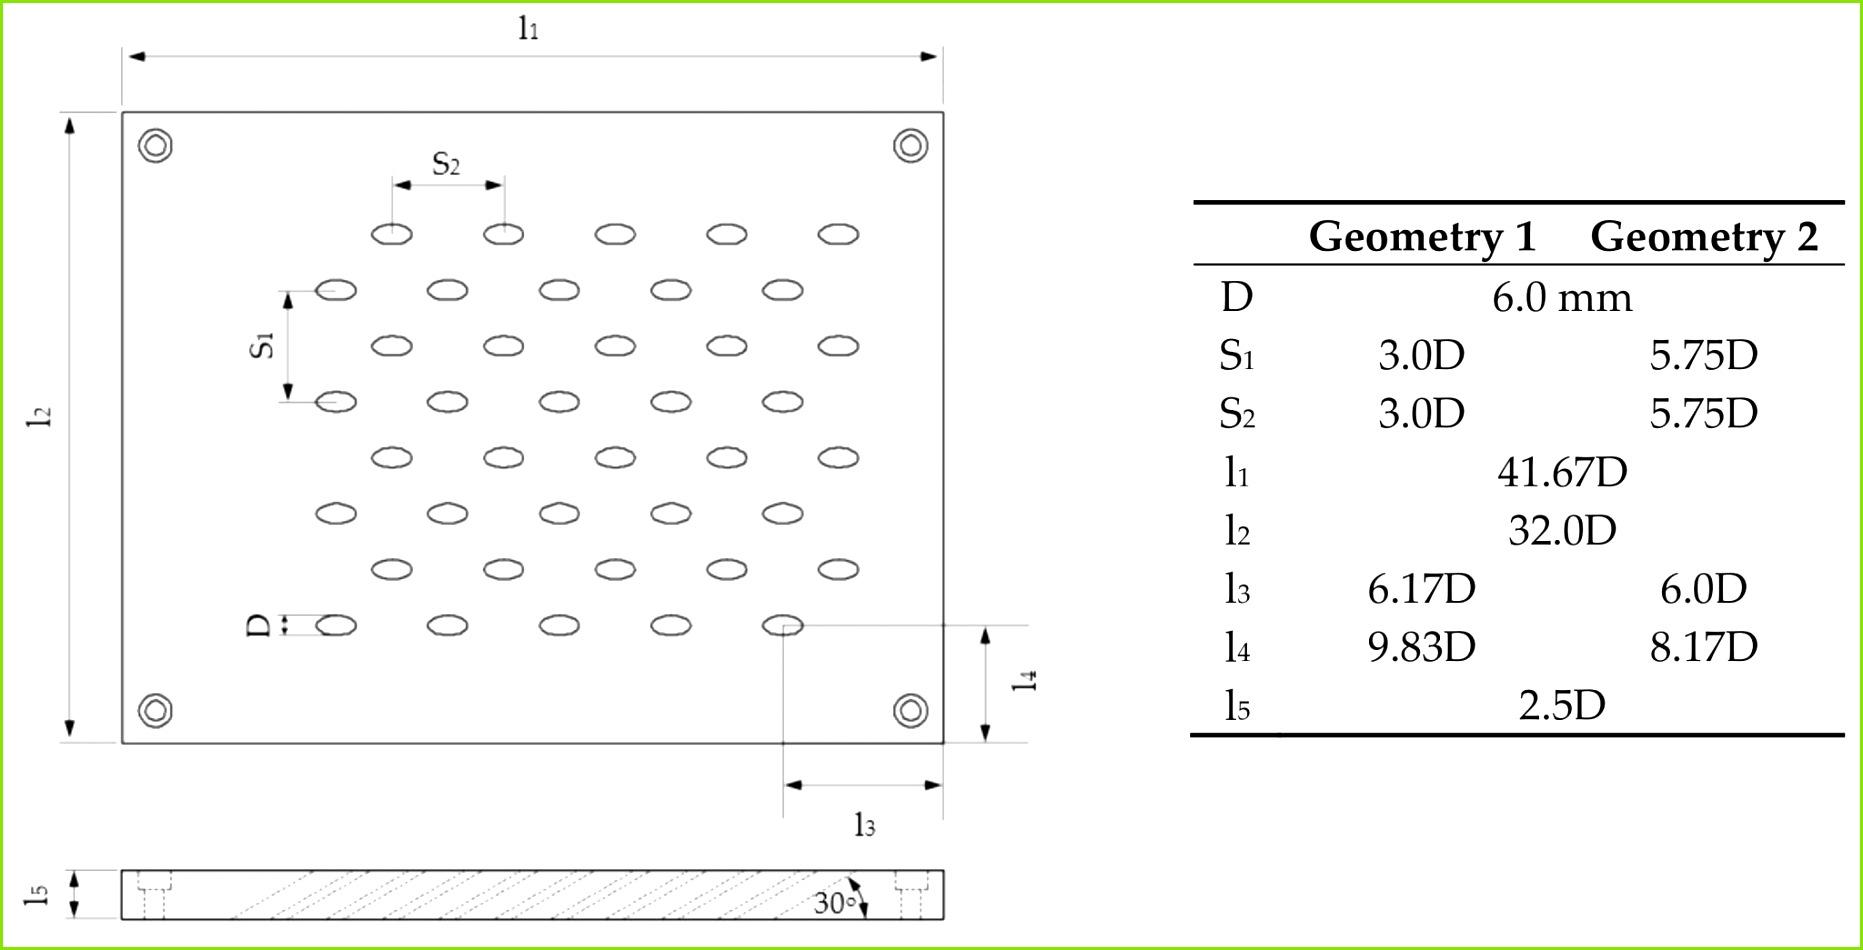 Excel Matrix Template as Well as Raci Matrix Template Excel Fresh 15 Luxury Free Raci Matrix Template